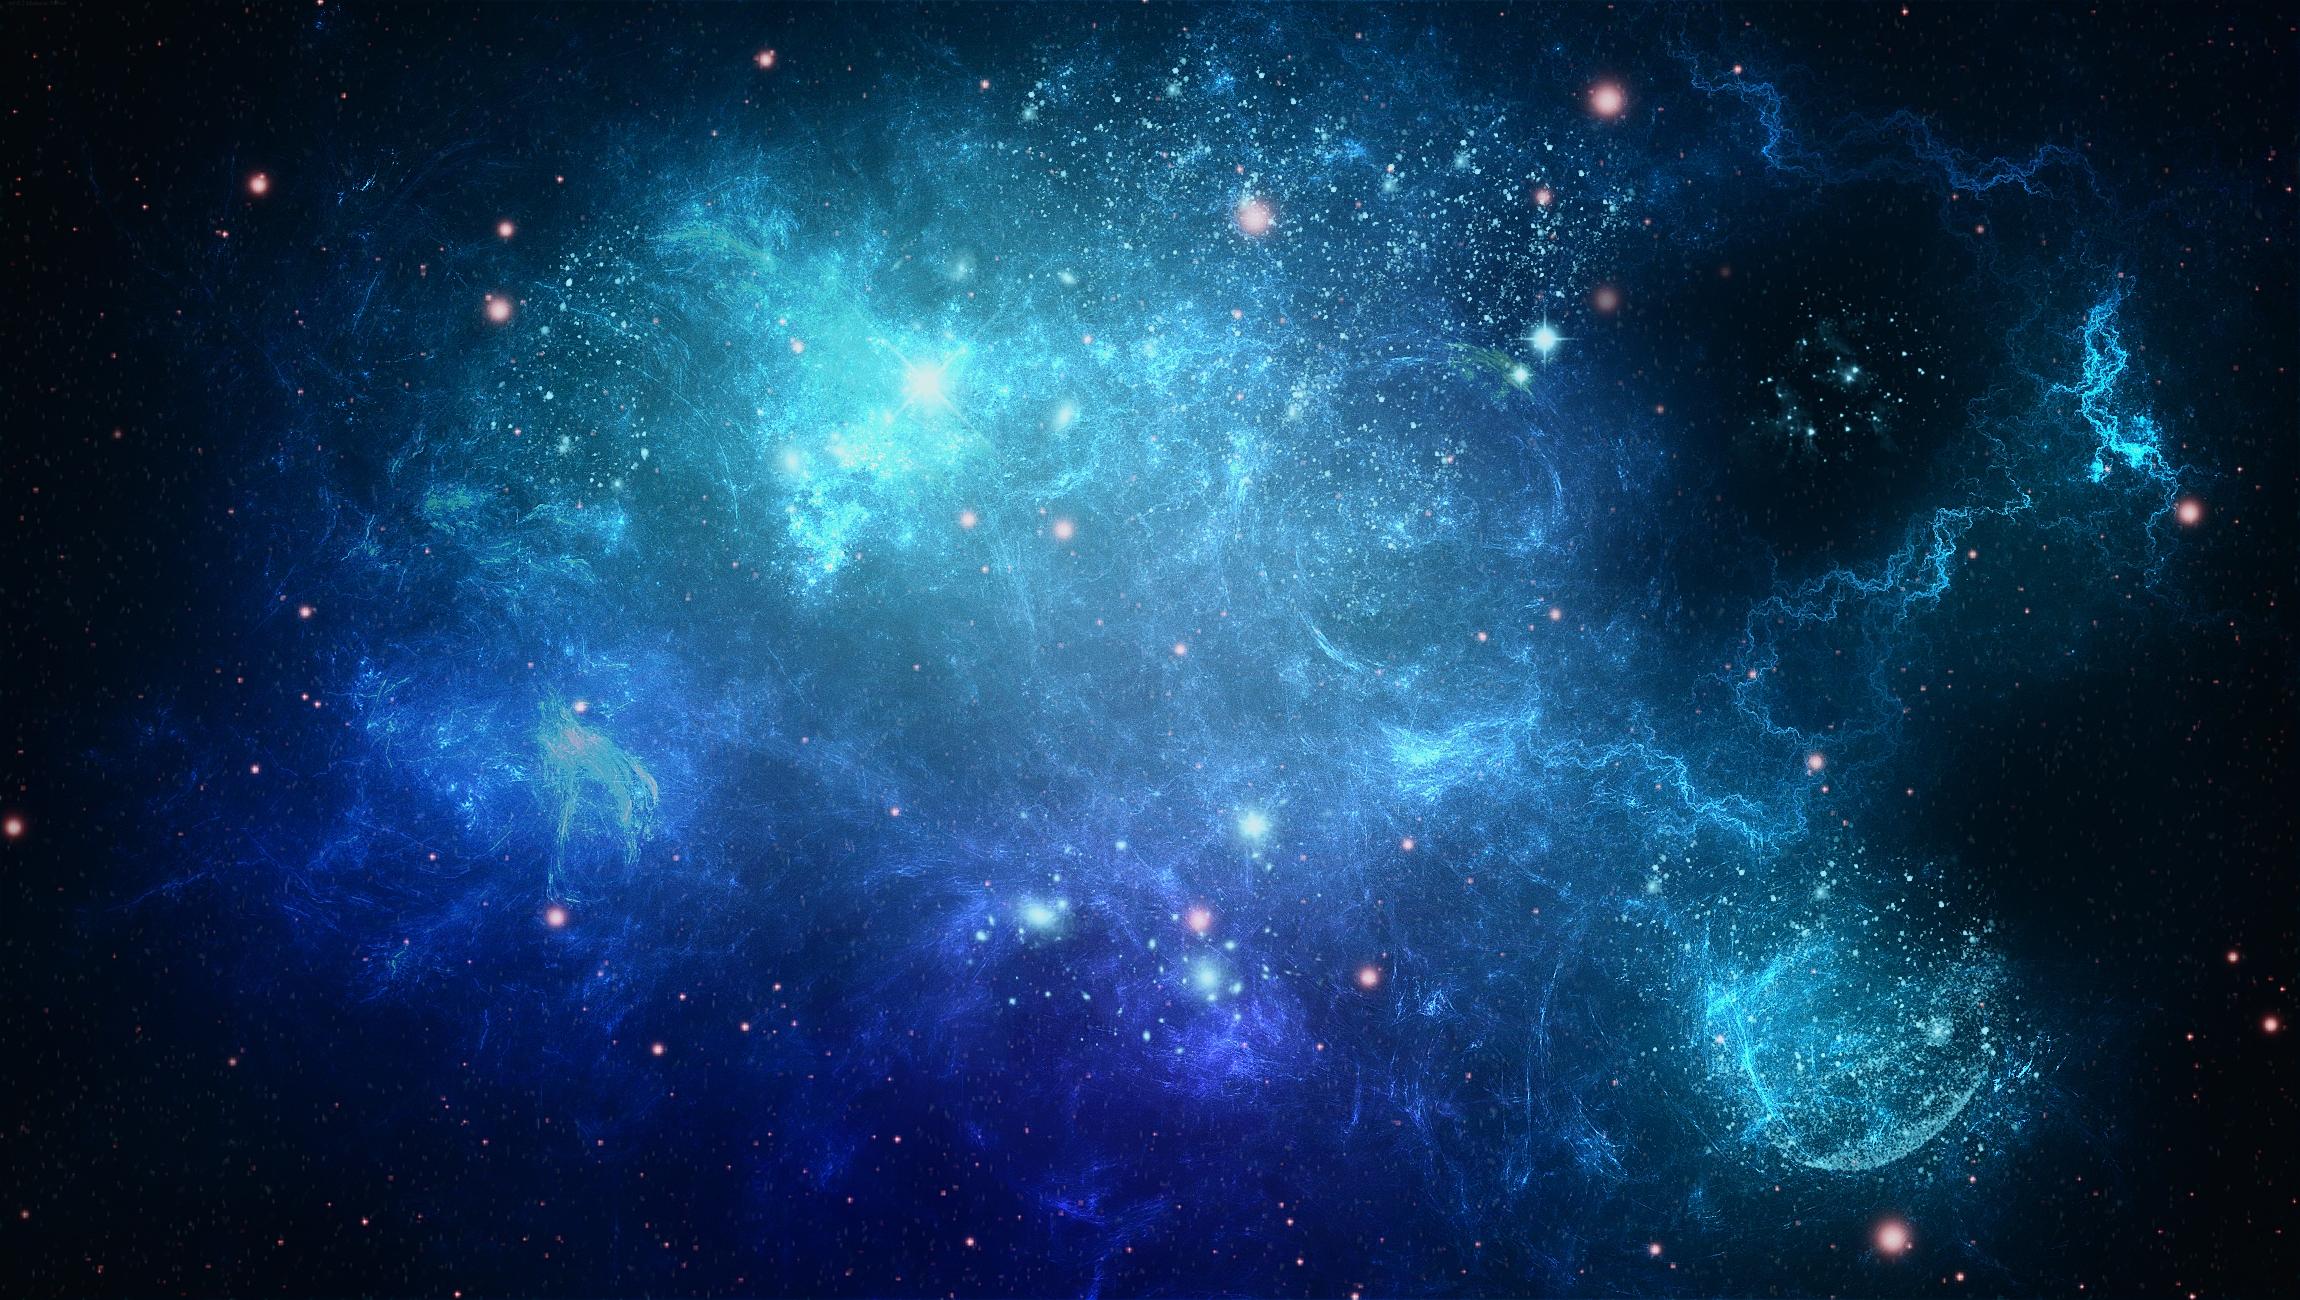 106693 Hintergrundbild herunterladen Hintergrund, Abstrakt, Universum, Punkte, Punkt - Bildschirmschoner und Bilder kostenlos